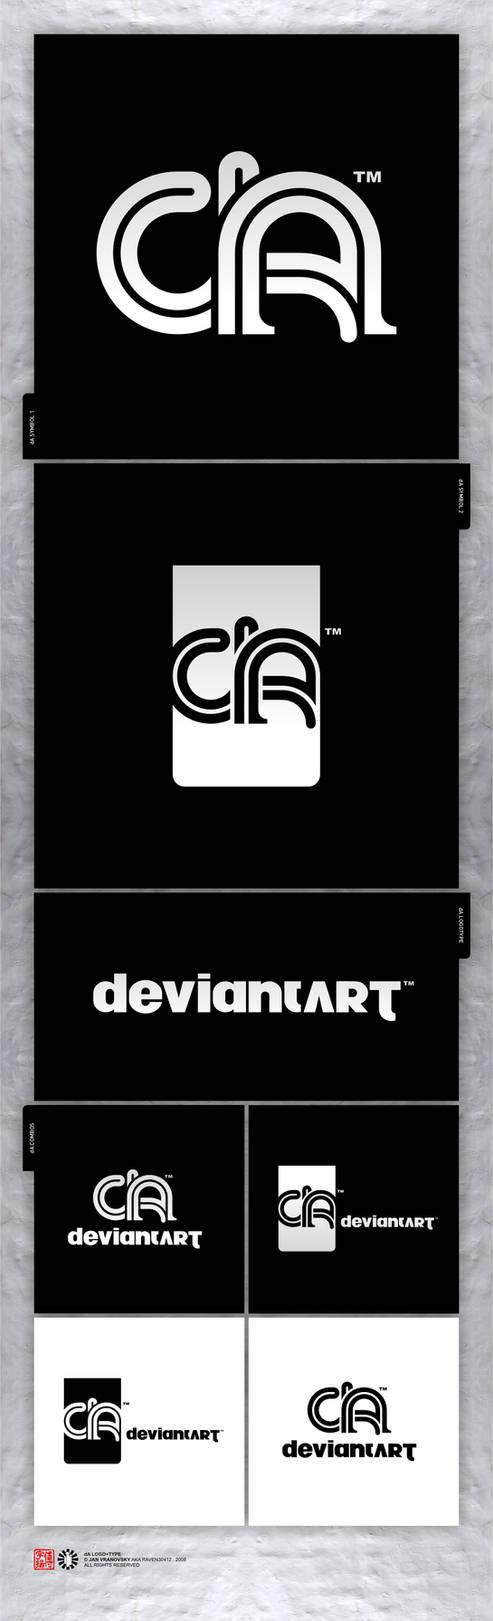 dA logo+type by Raven30412